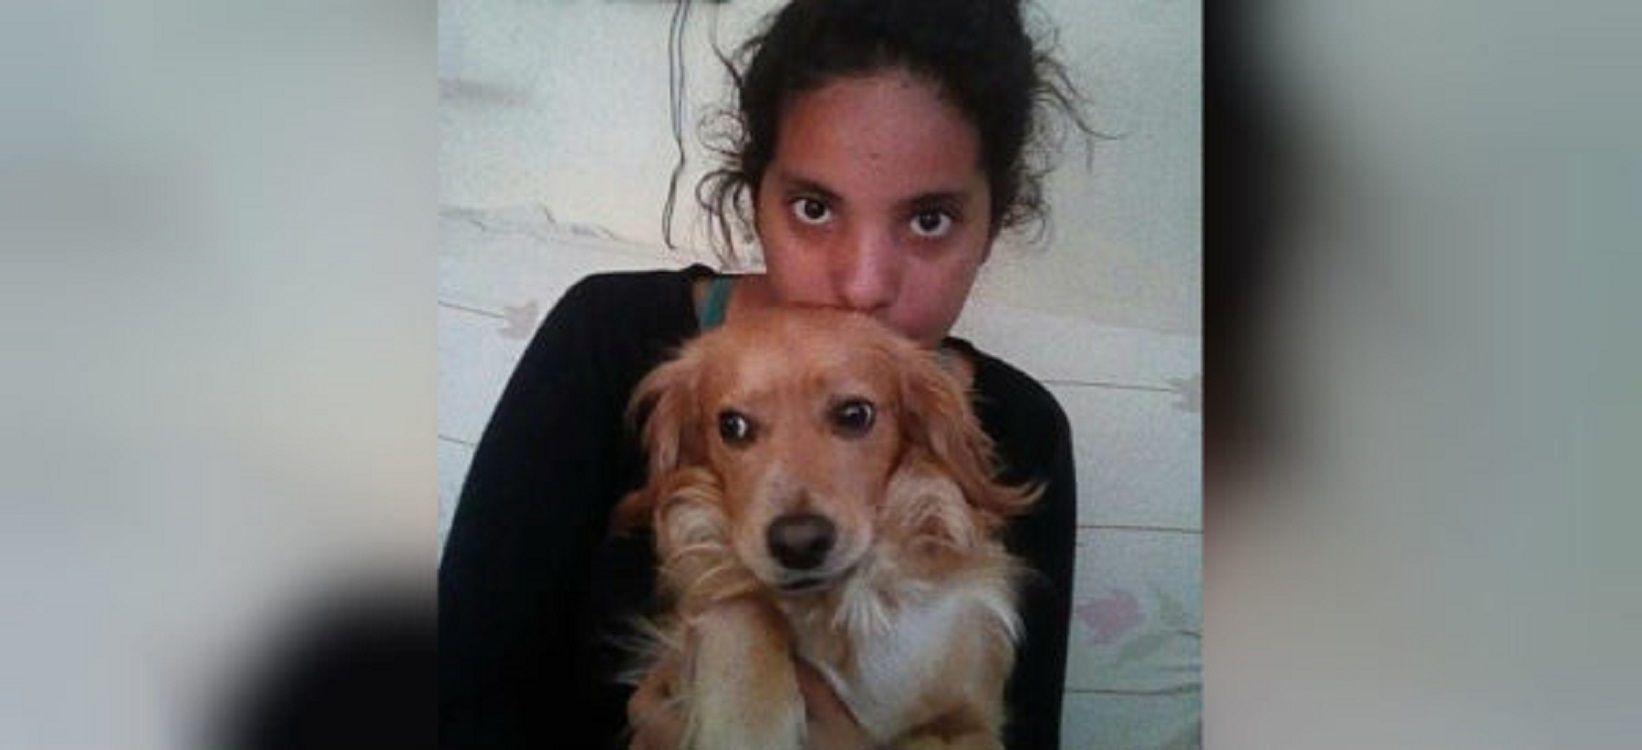 Daniela Ramirez desapareció luego de denunciar que la estaban secuestrando